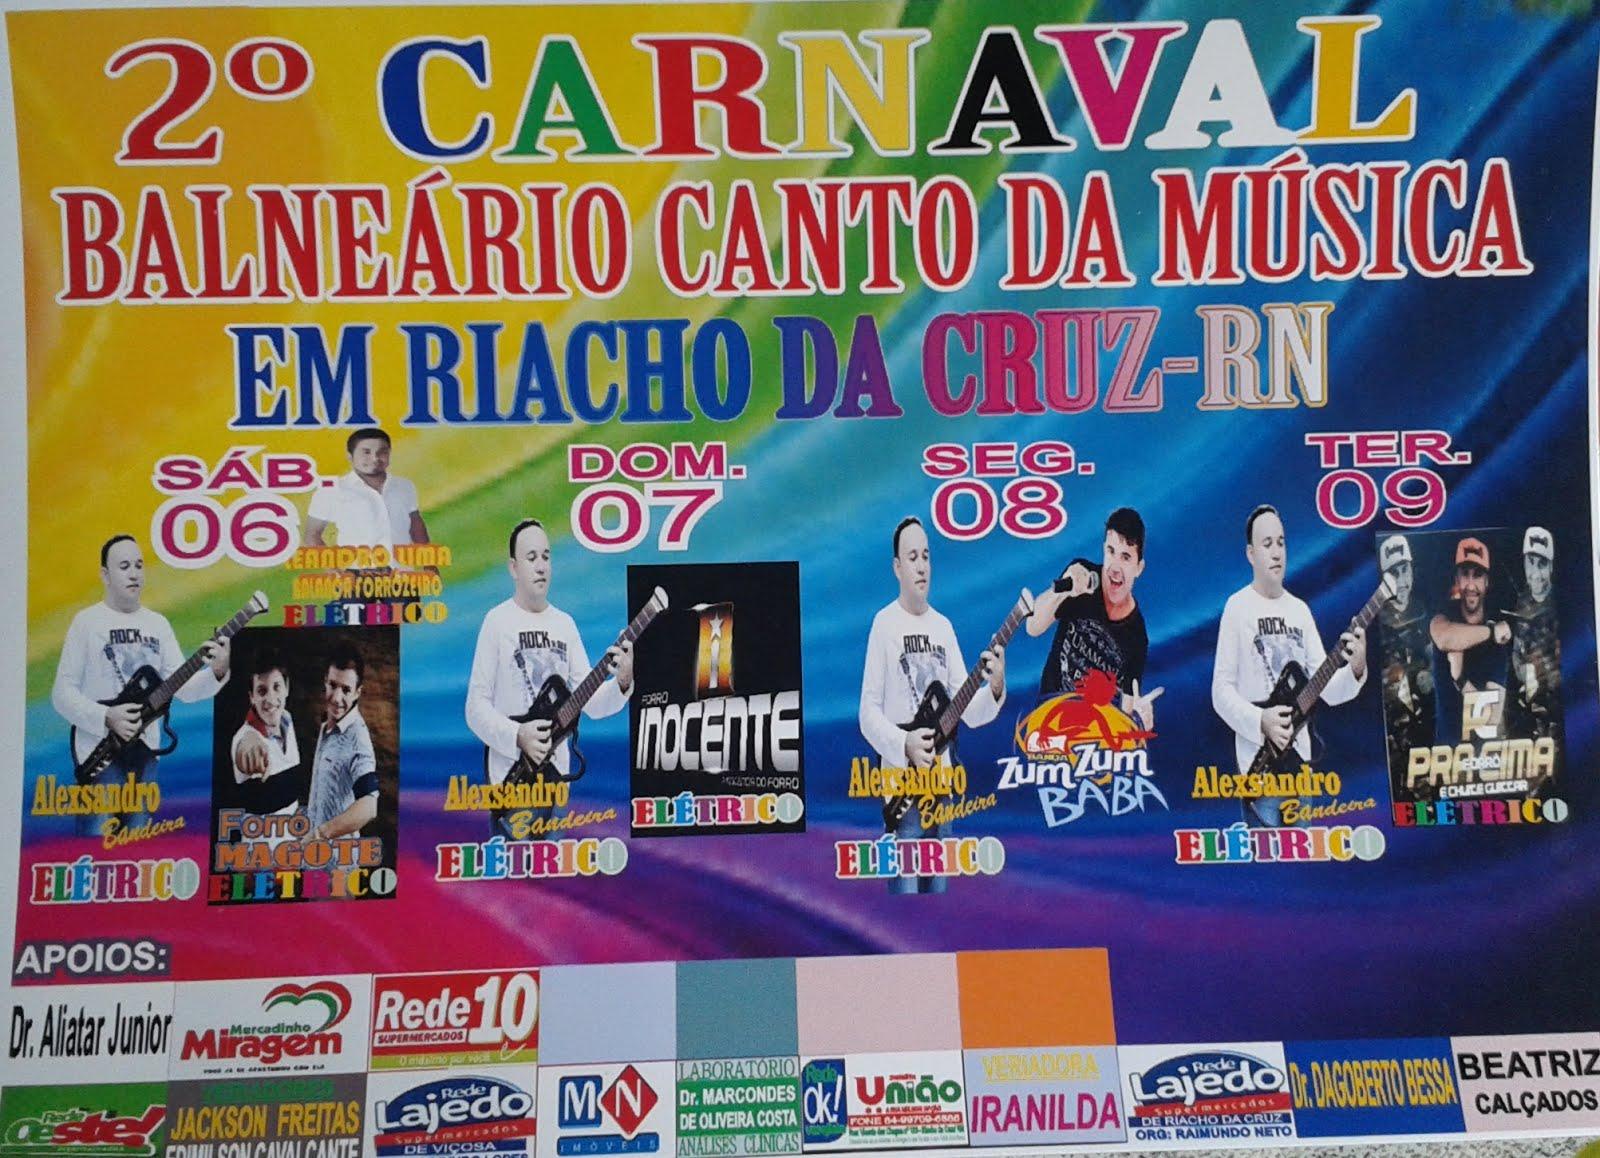 CARNAVAL NA ADEGA CANTO DA MÚSICA EM RIACHO DA CRUZ-RN